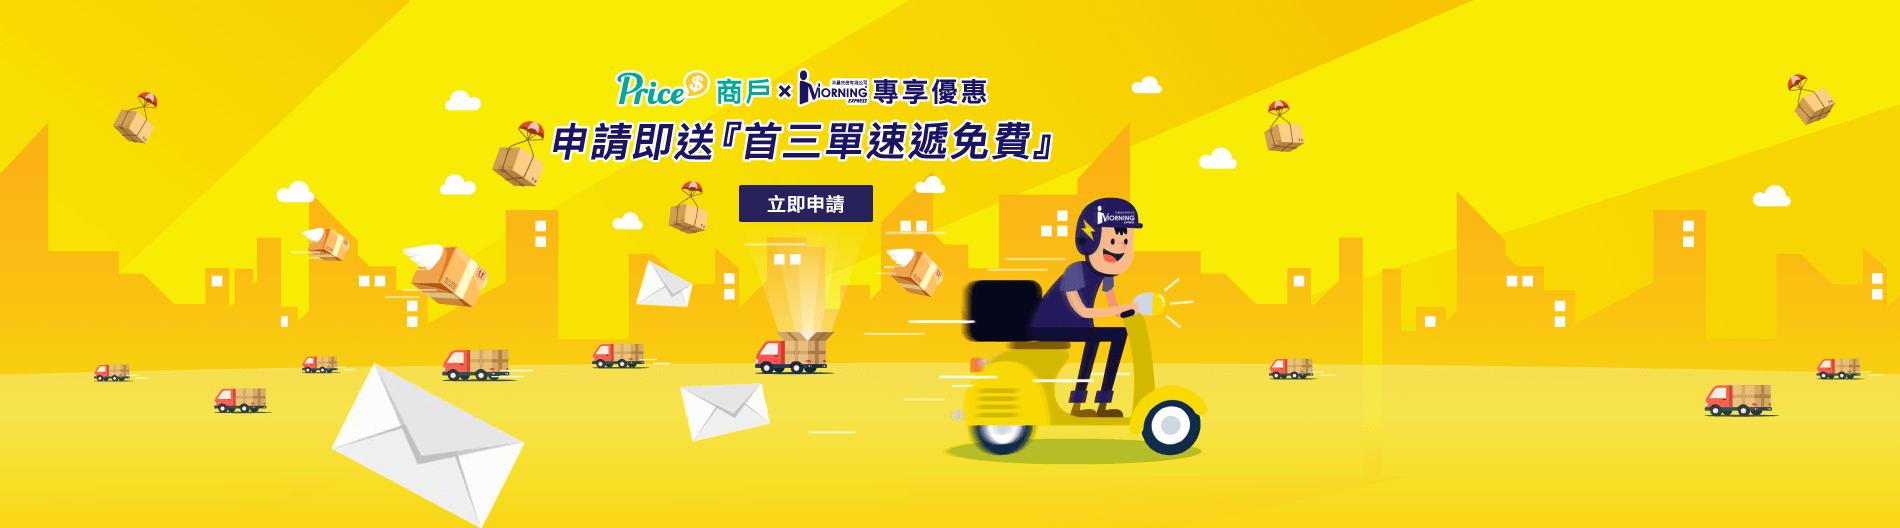 PRICE 商戶 x 早晨快信 專享優惠